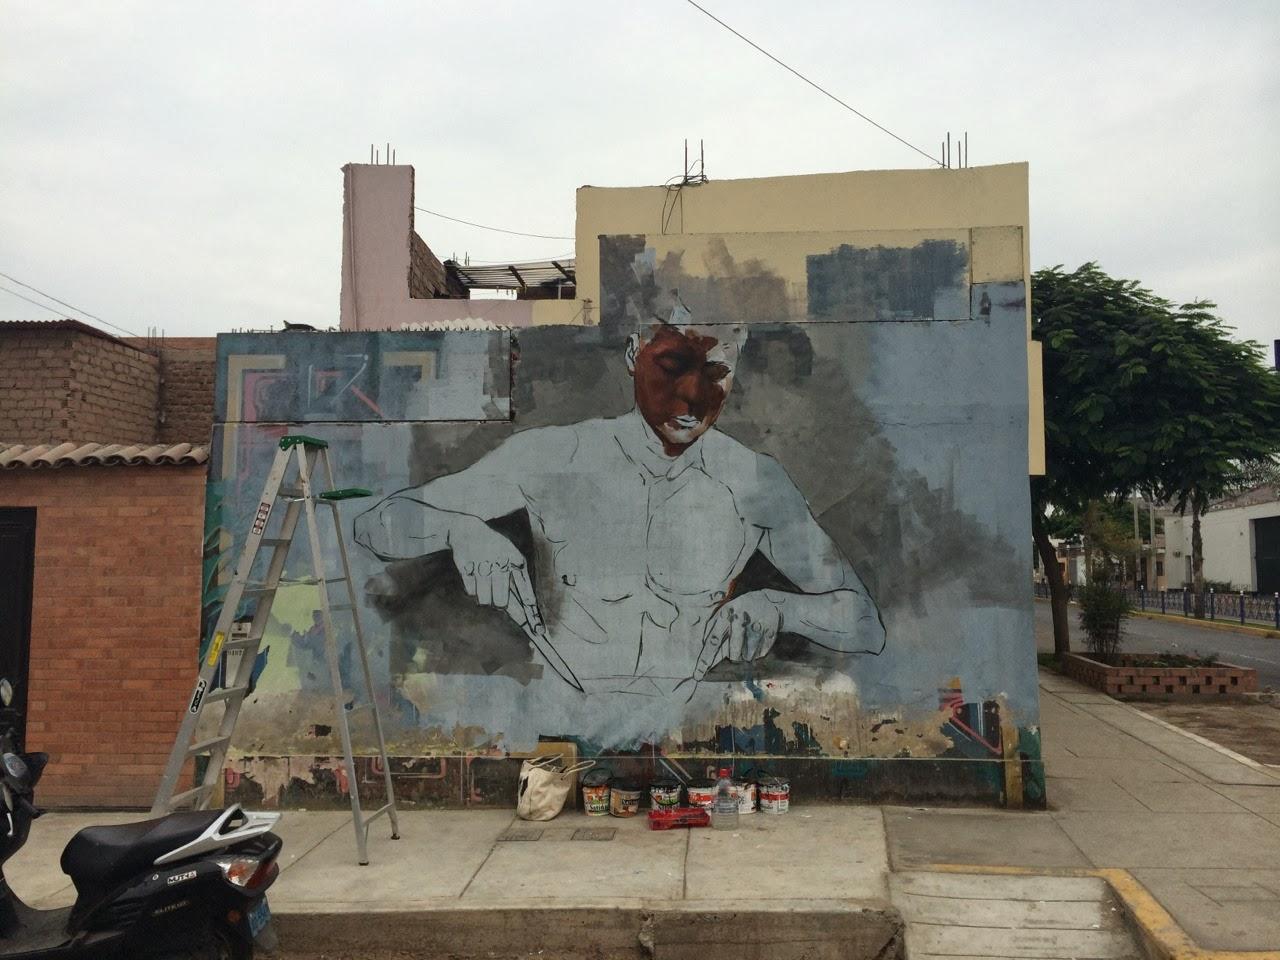 evoca1-loosing-hope-new-mural-in-chorrillos-lima-04